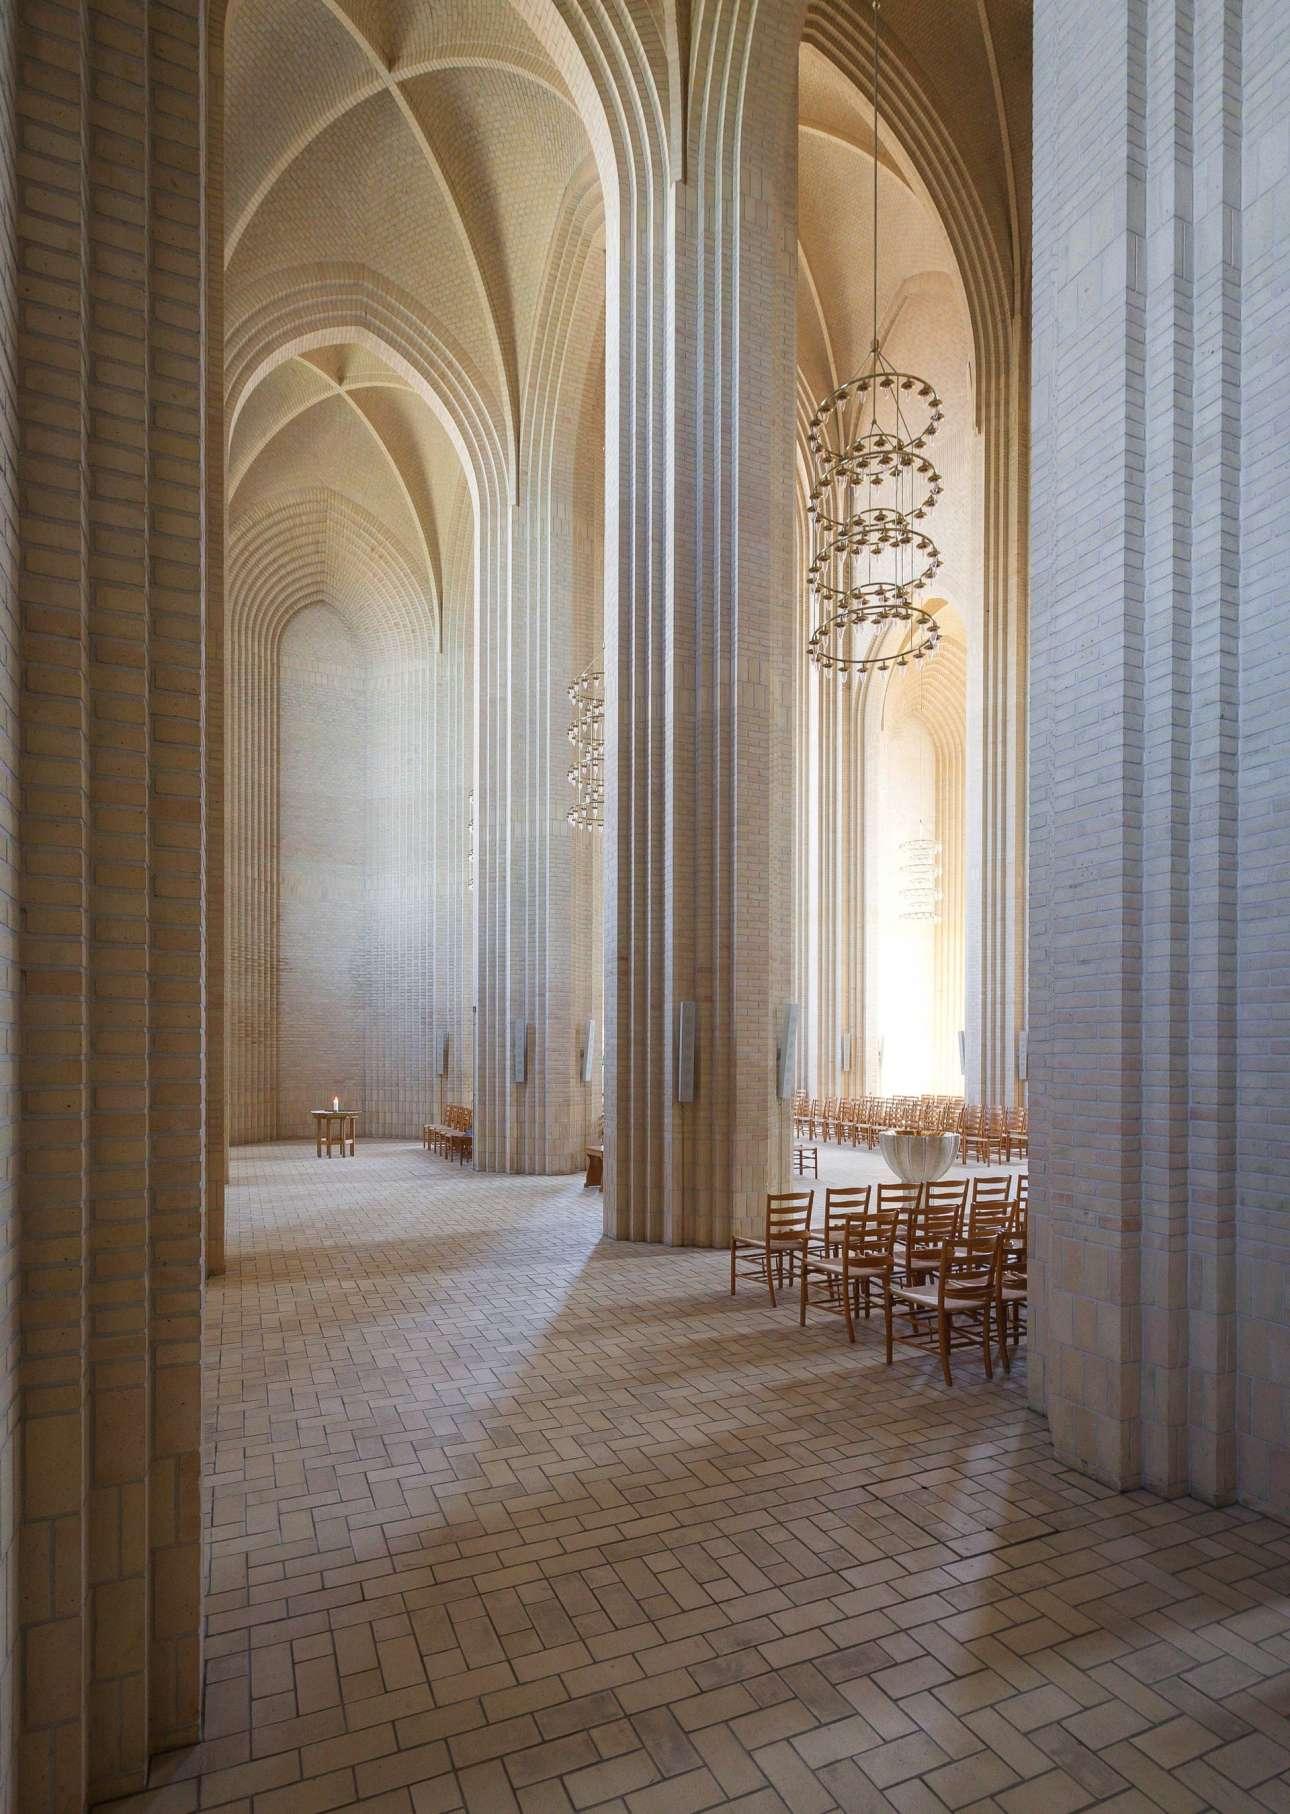 «Εκκλησία Grundtvig», Κοπεγχάγη, Δανία, γραφείο Peder Jensen-Klint, στην κατηγορία «Εσωτερικοί χώροι»